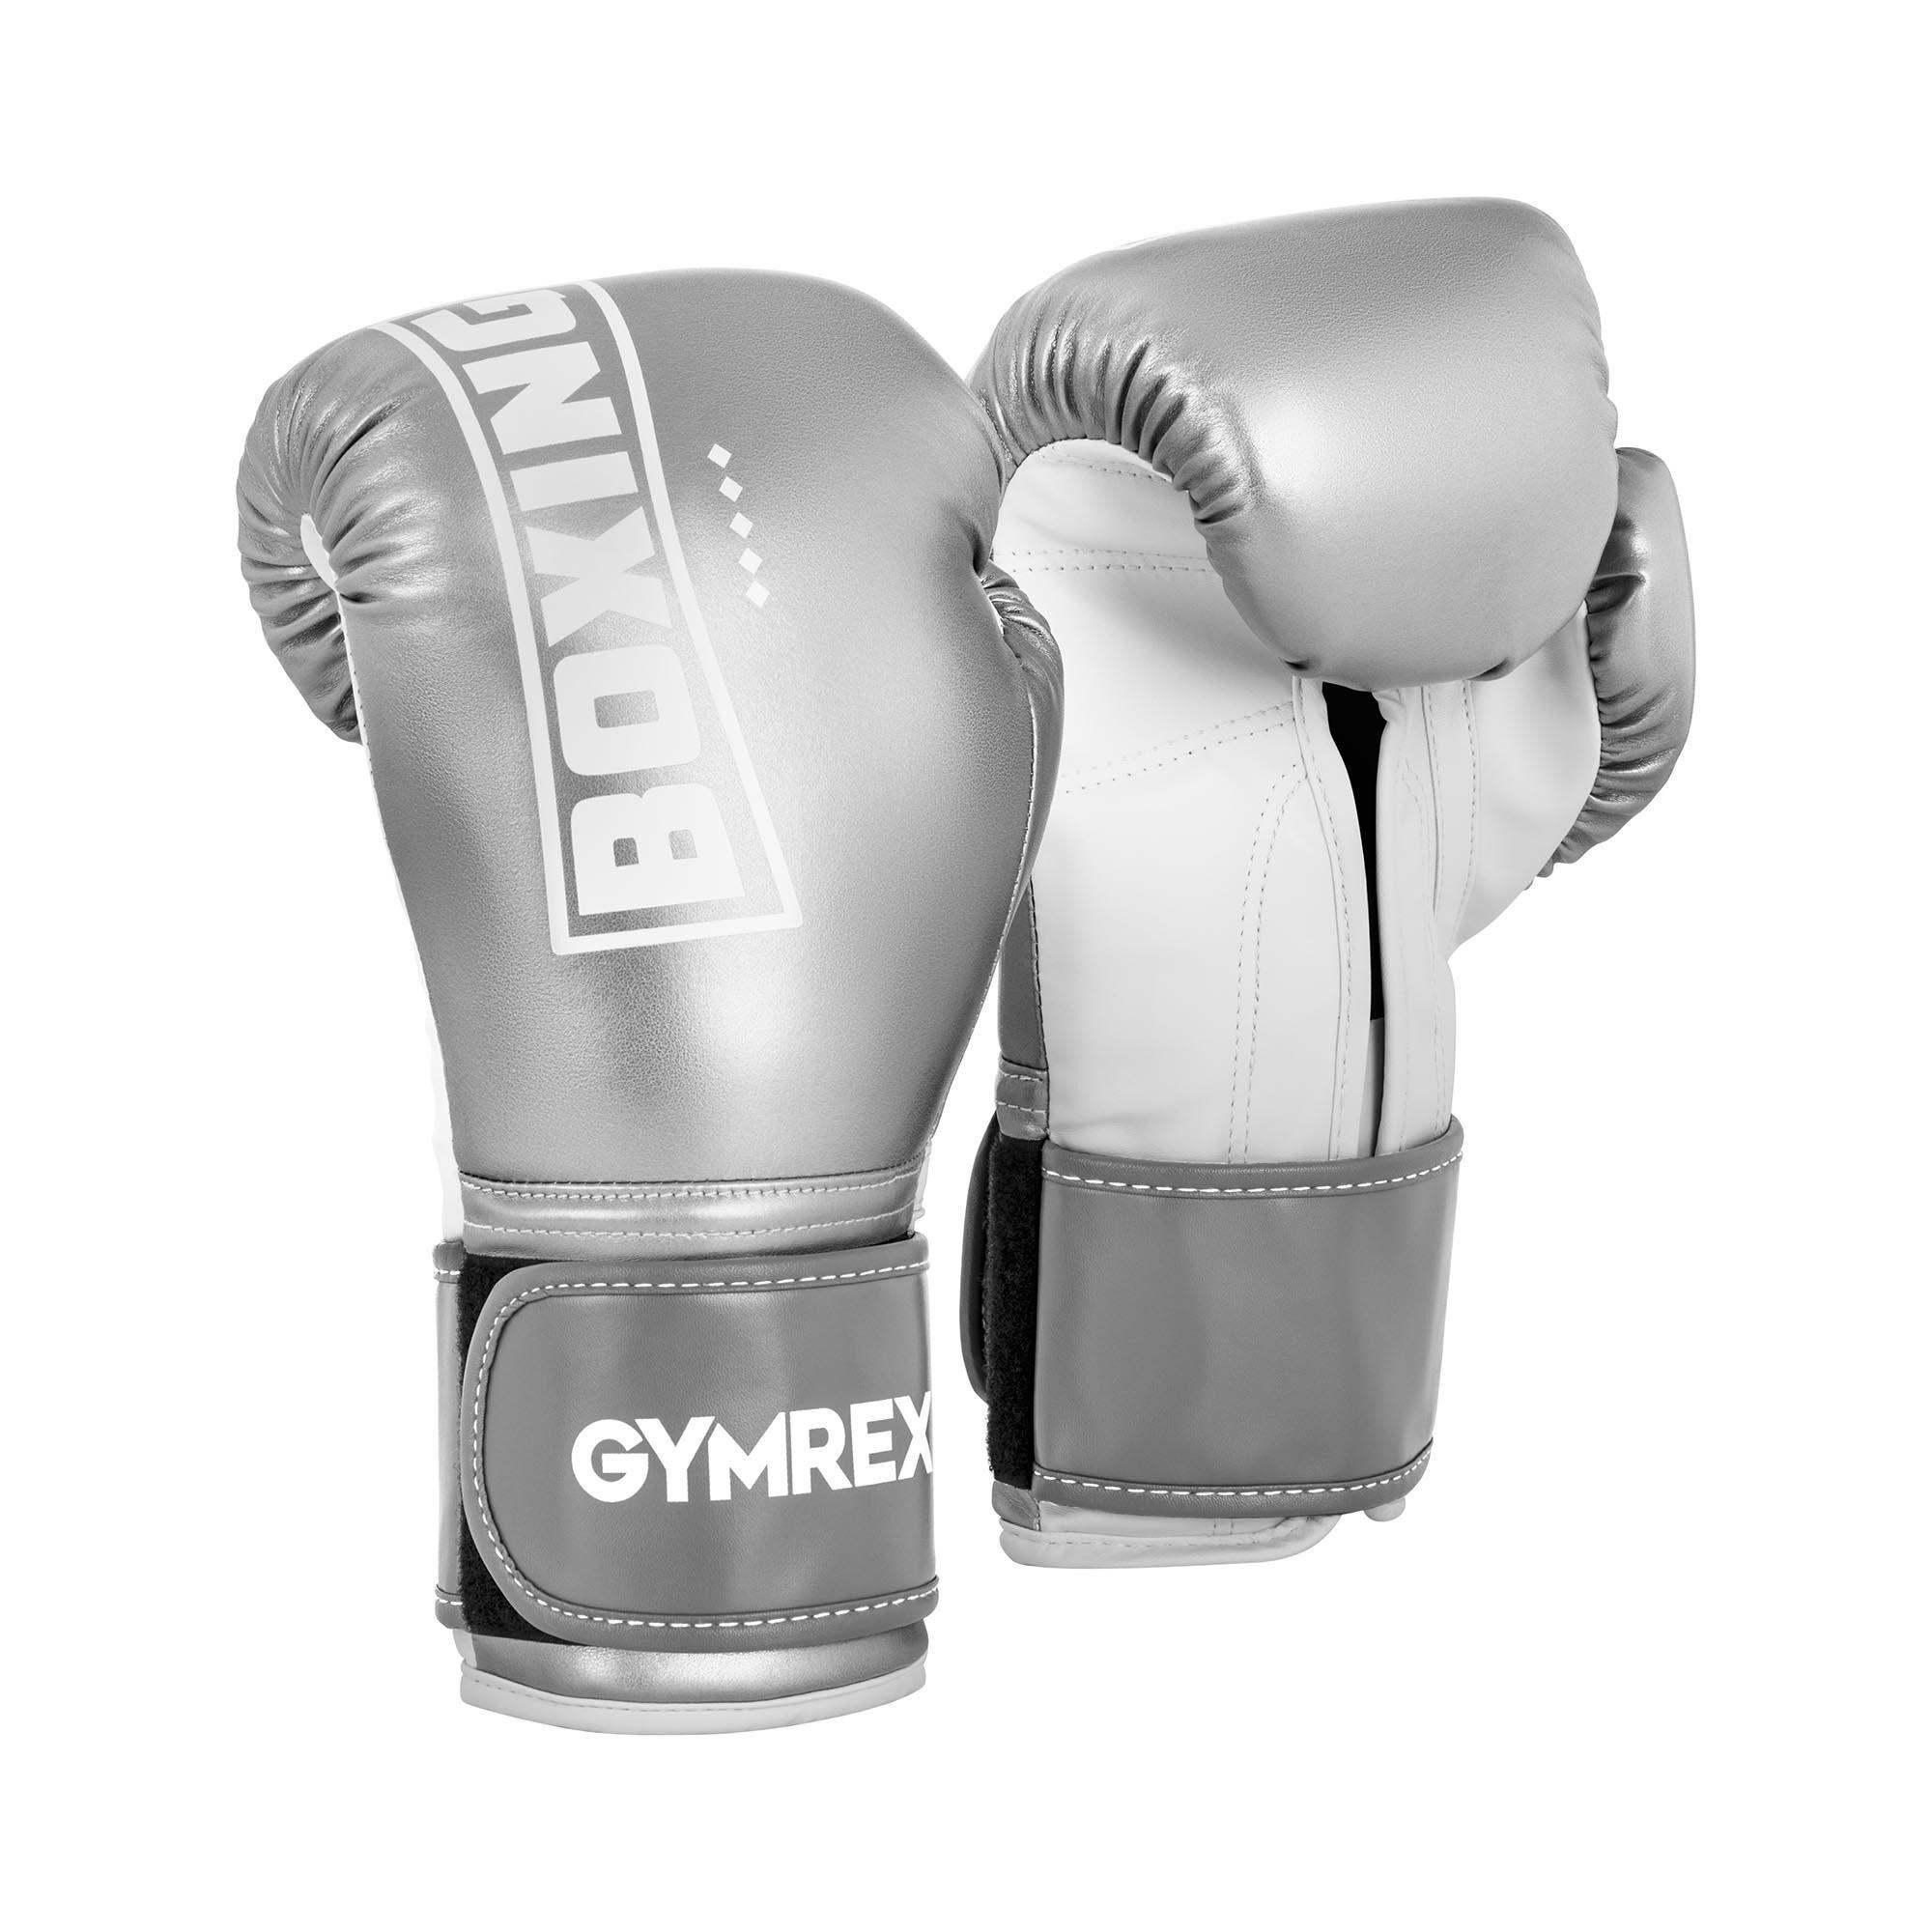 Gymrex Boksehansker - 12 oz - metallisk sølv og hvit